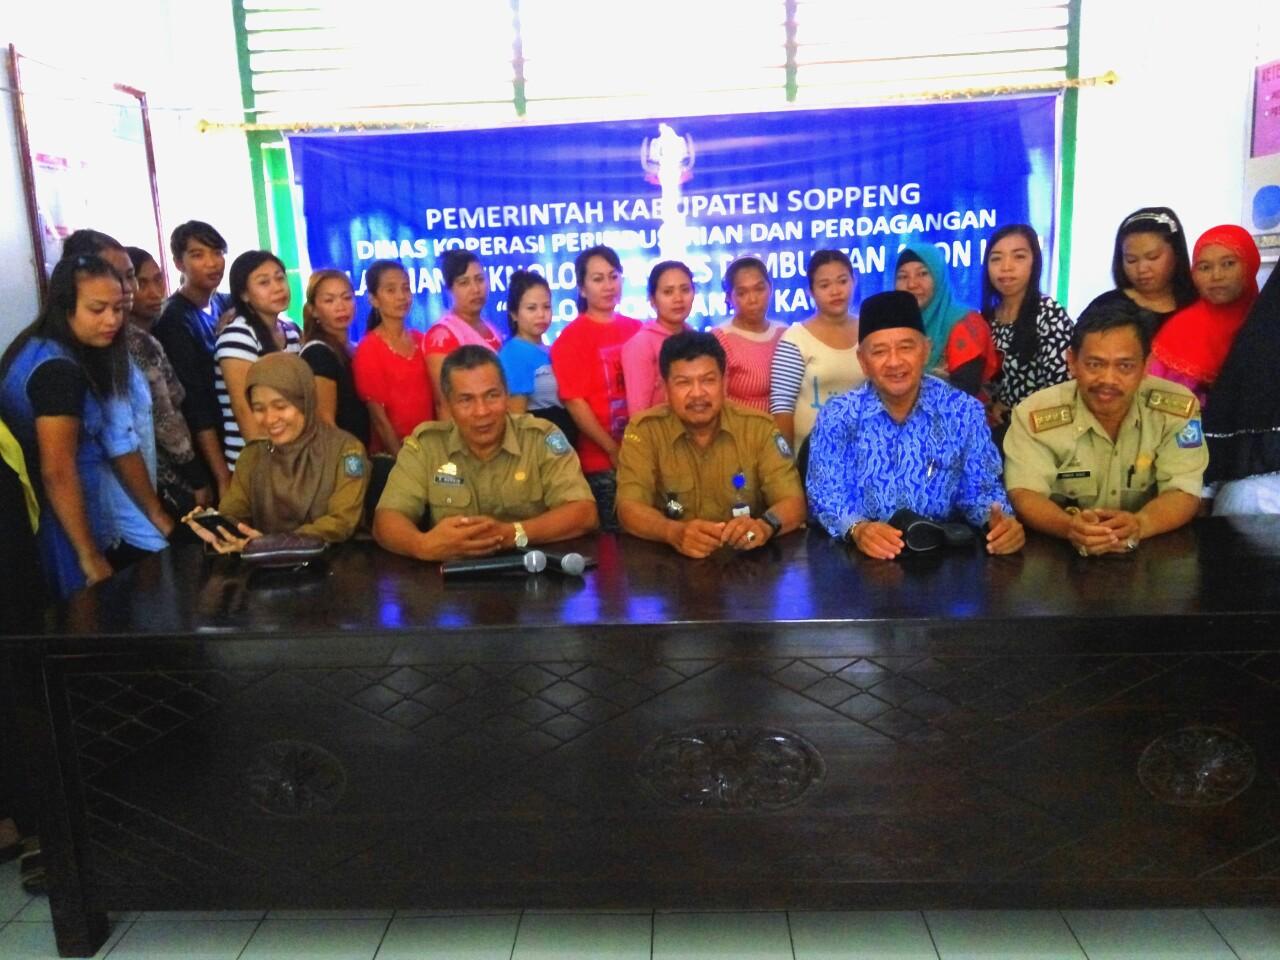 Dinas Koperindag Soppeng Latih 20 Perempuan Dari Kelurahan Kaca